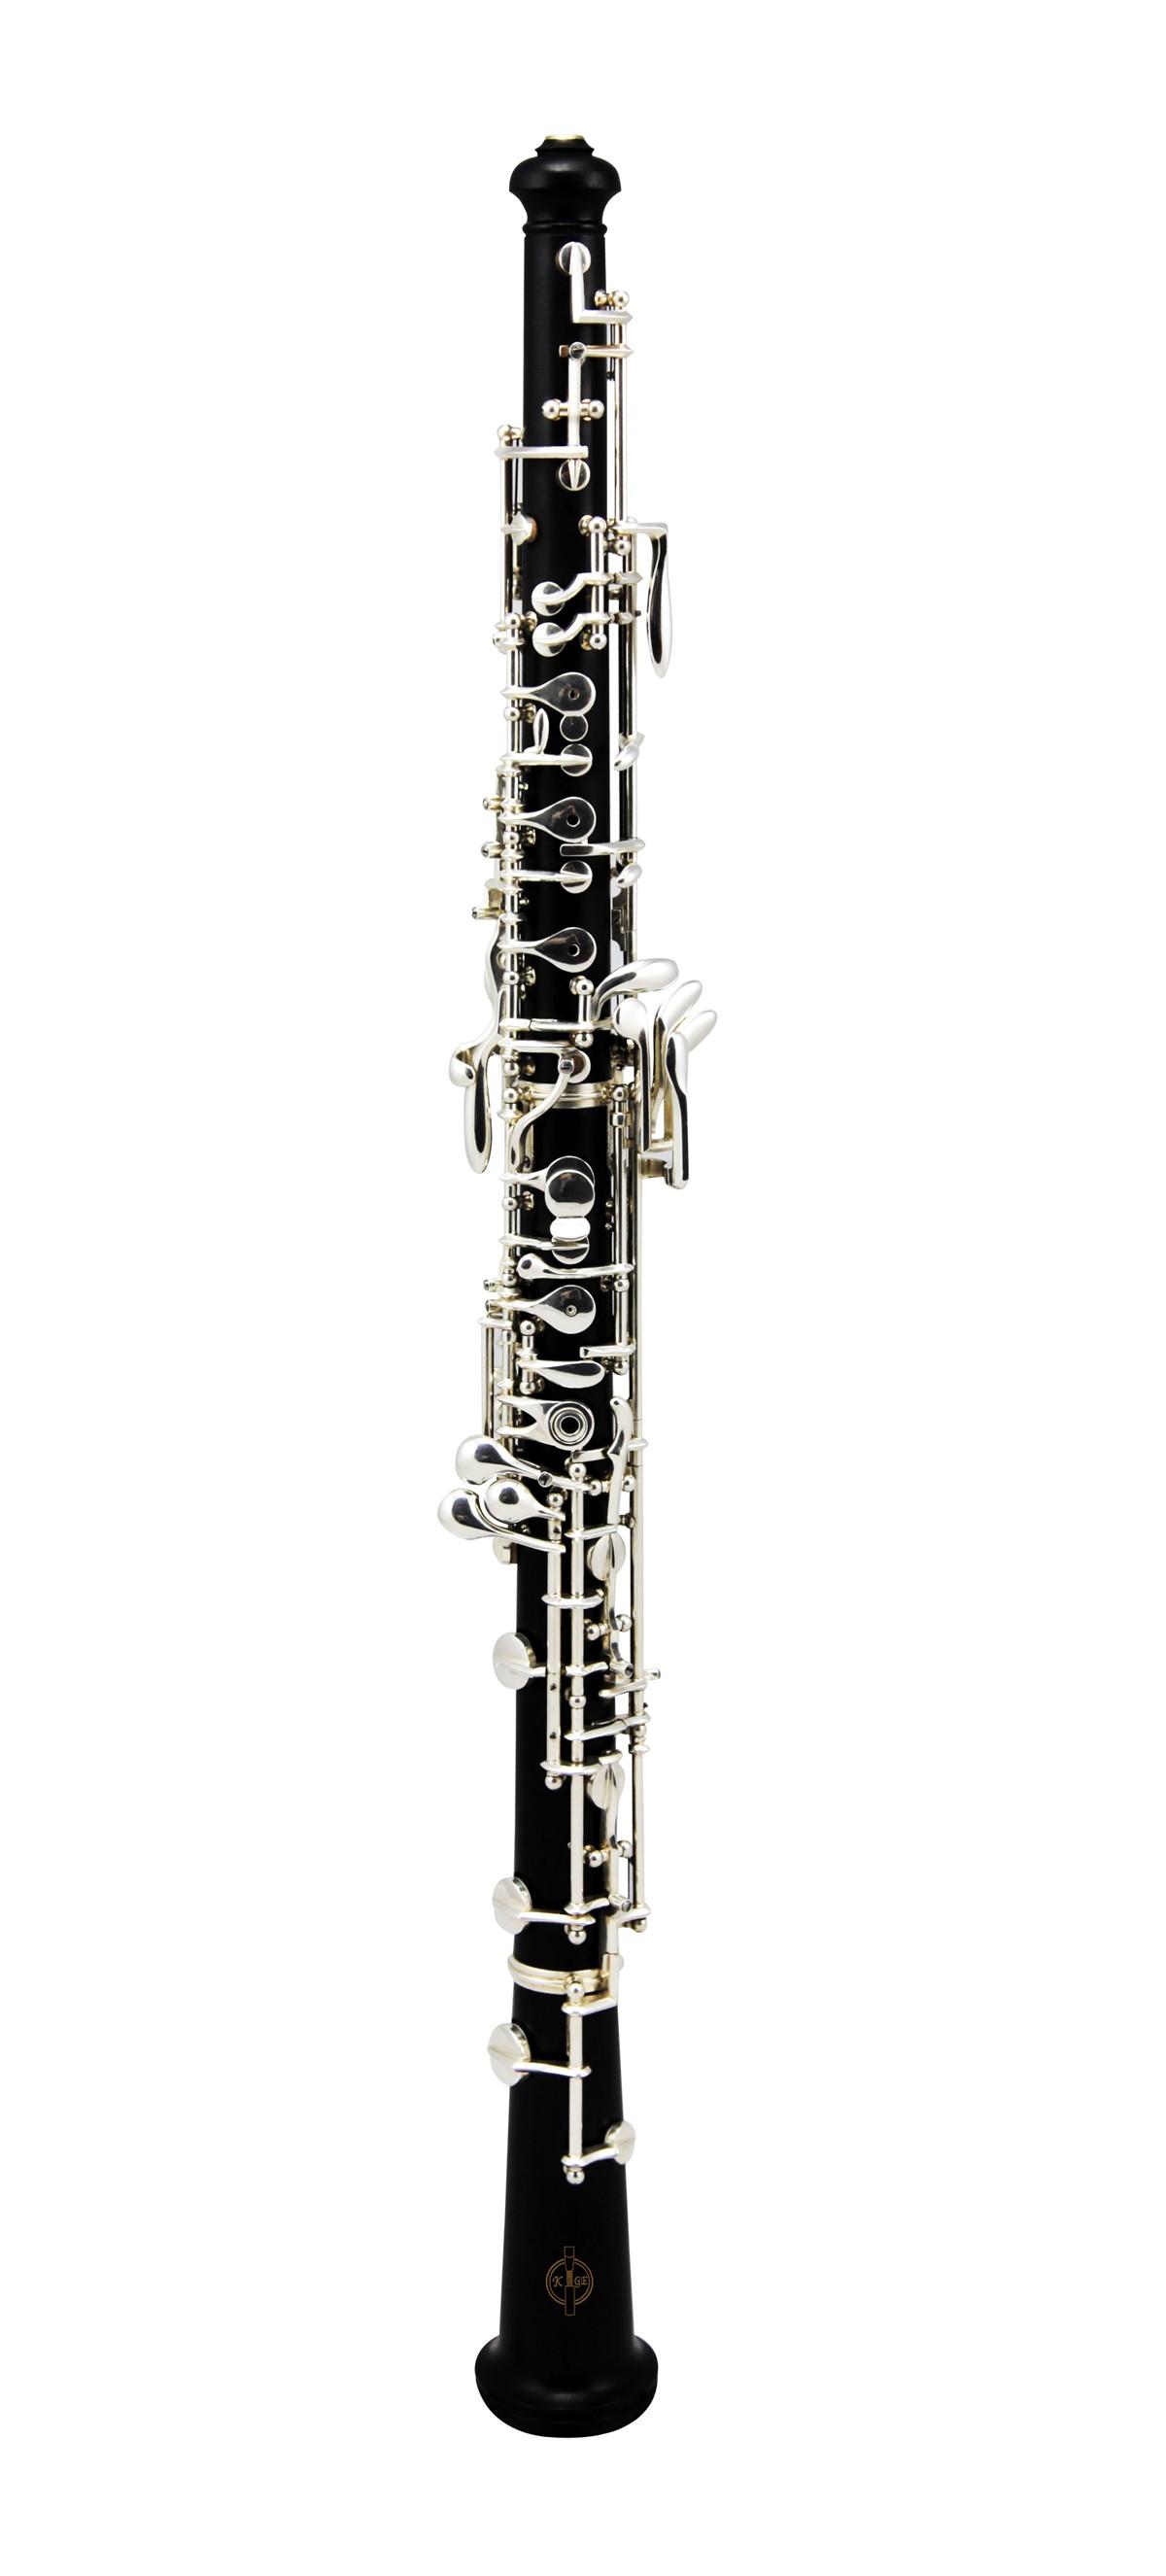 Музыкальные инструменты для гобоя K.GE-Haibrui - Профессиональные(Гибрид-Pro)